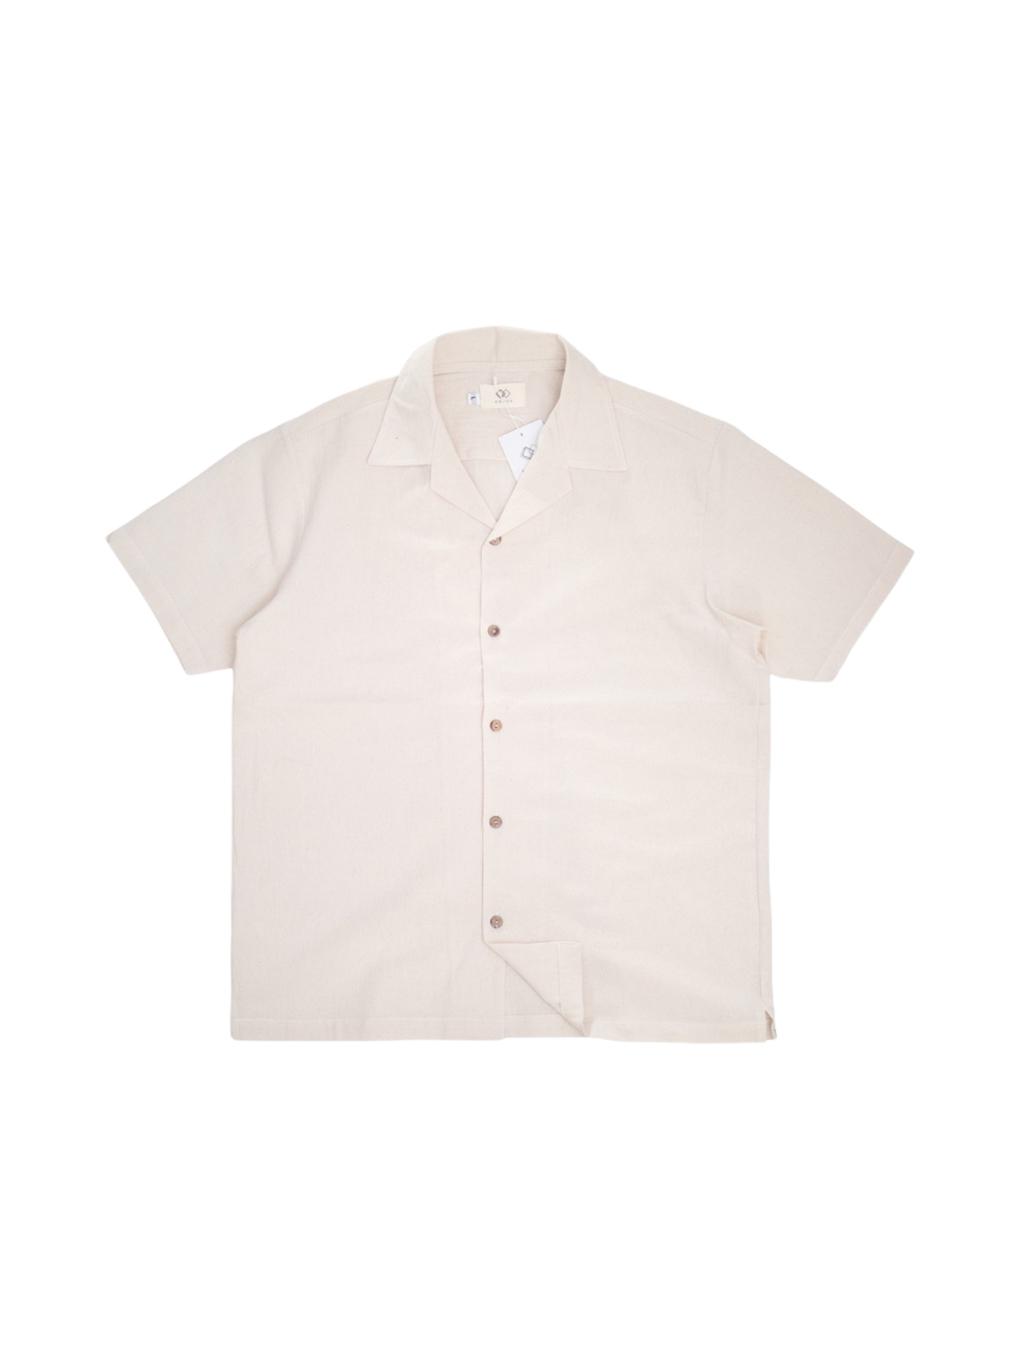 Open Collar Shirt (Beige)